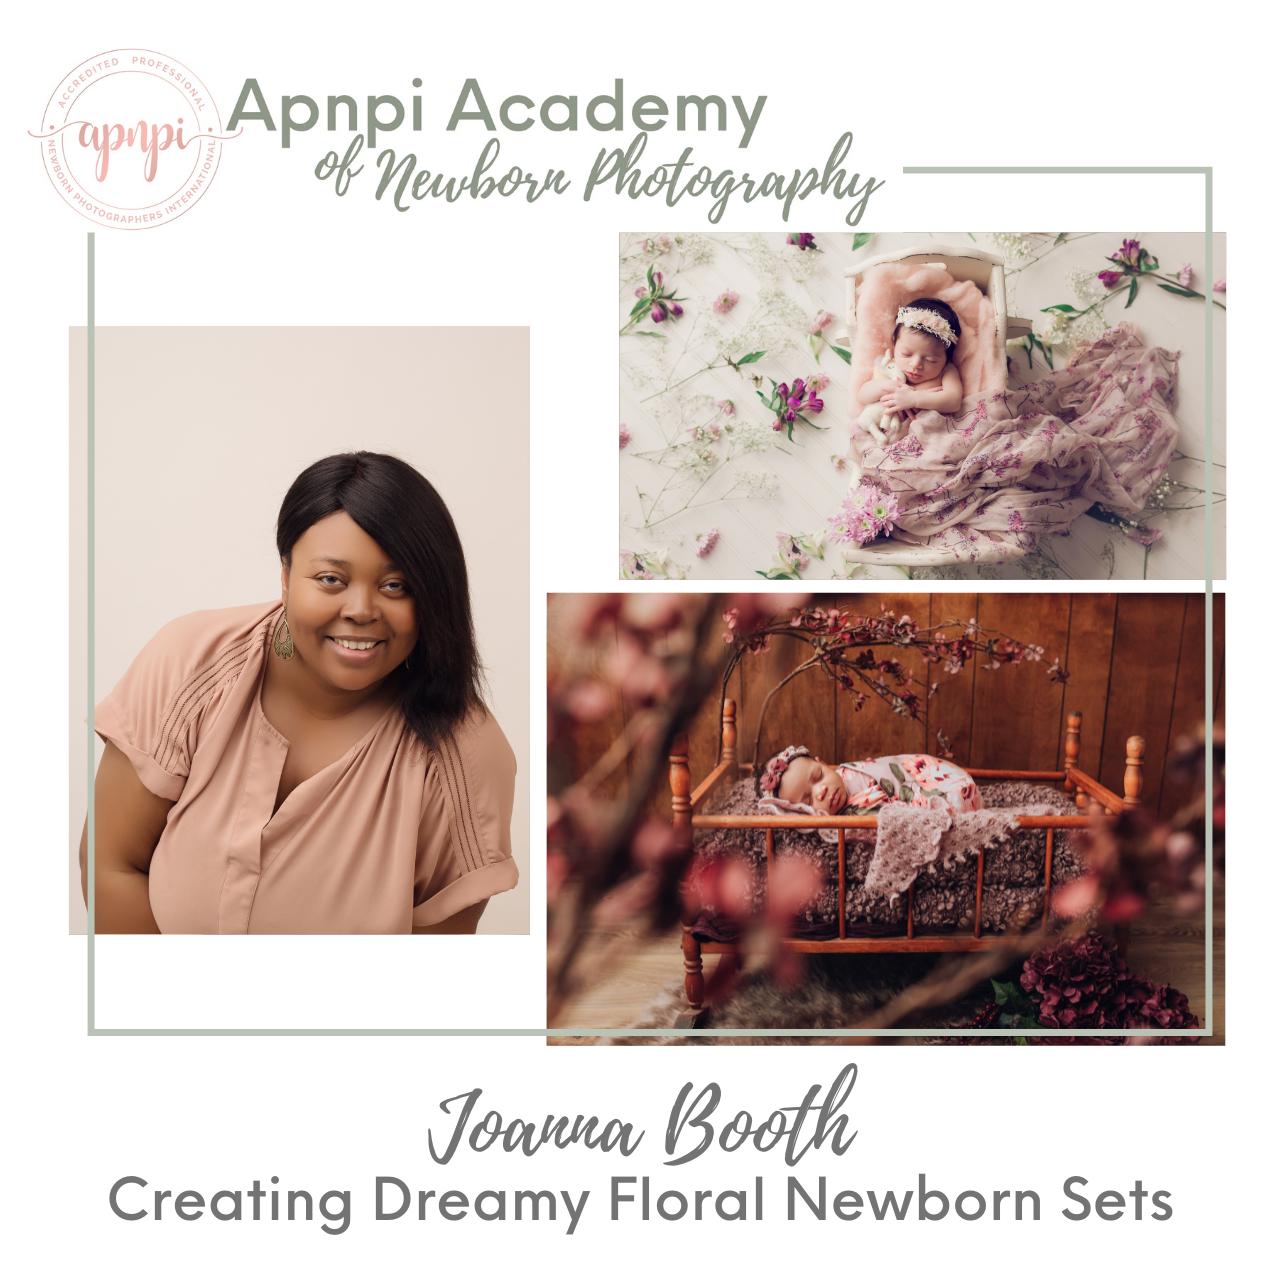 Joanna Booth Newborn Photography Dreamy Floral APNPI Academy Course